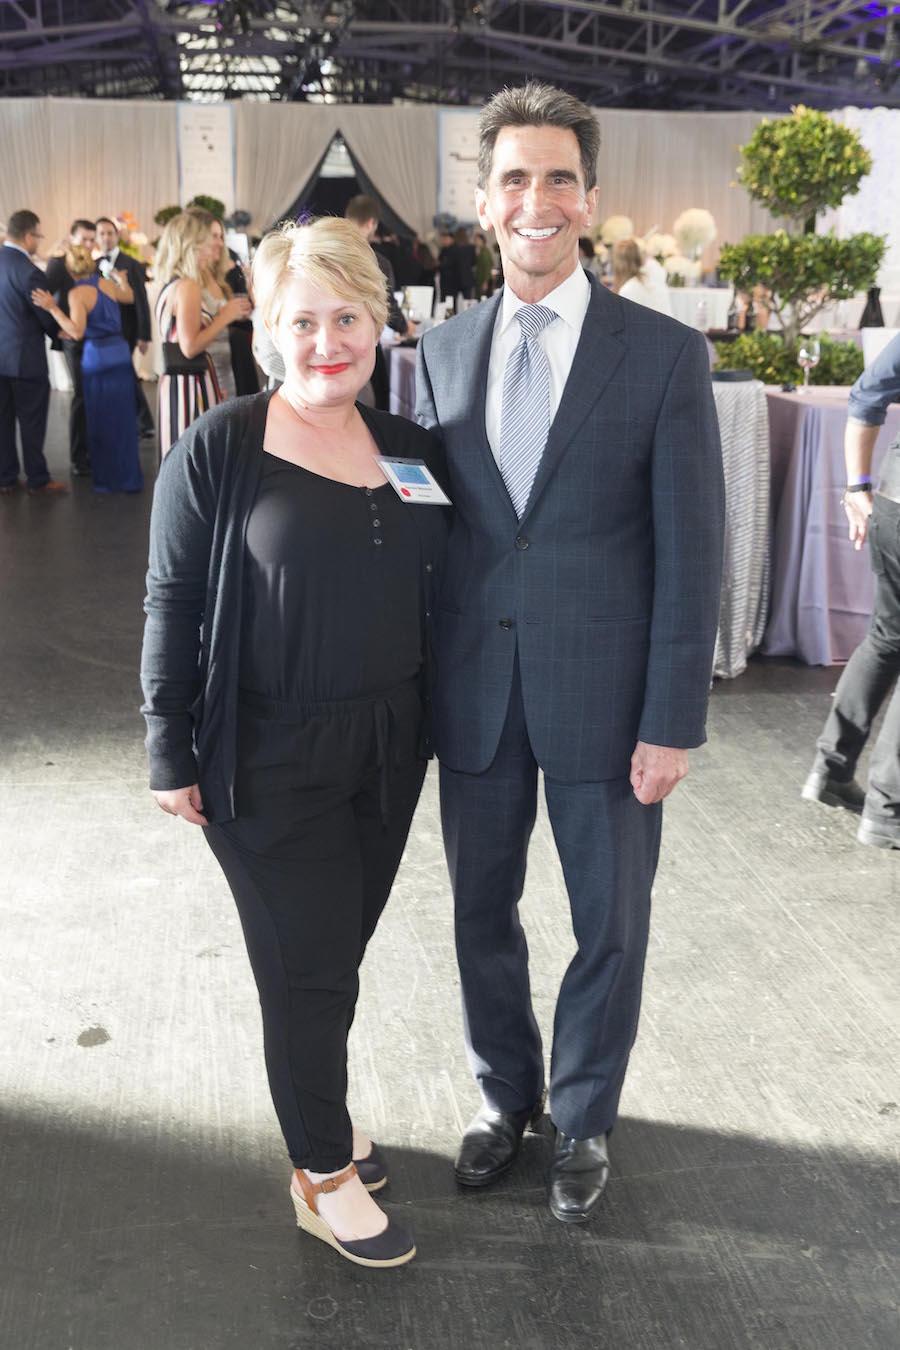 Kendra Weinisch and Mark Leno